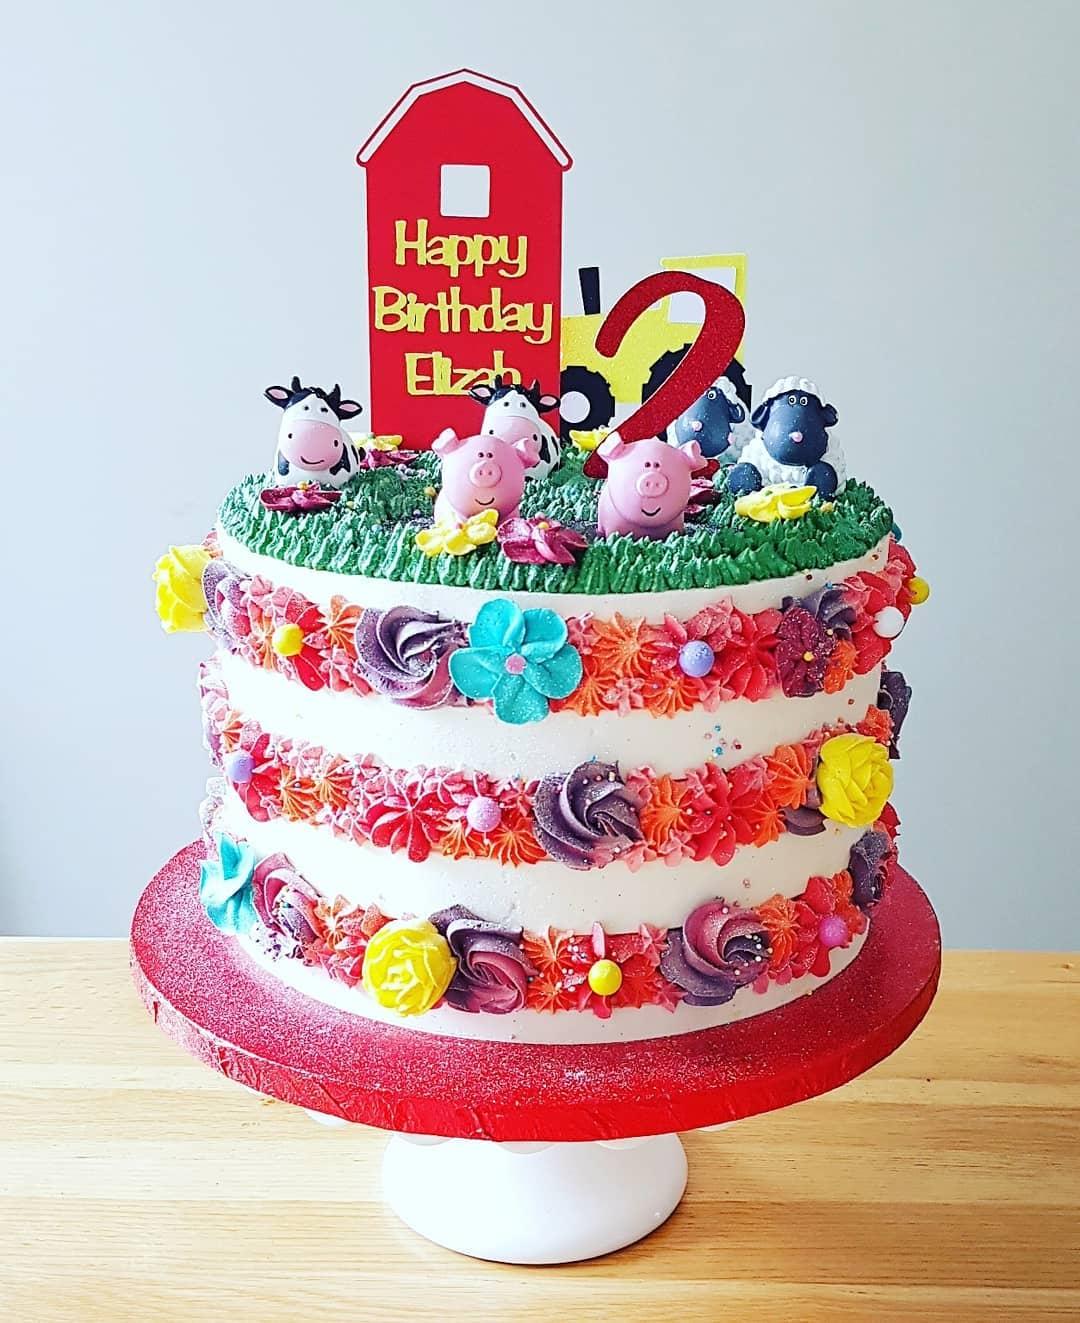 Farm Animal themed cake